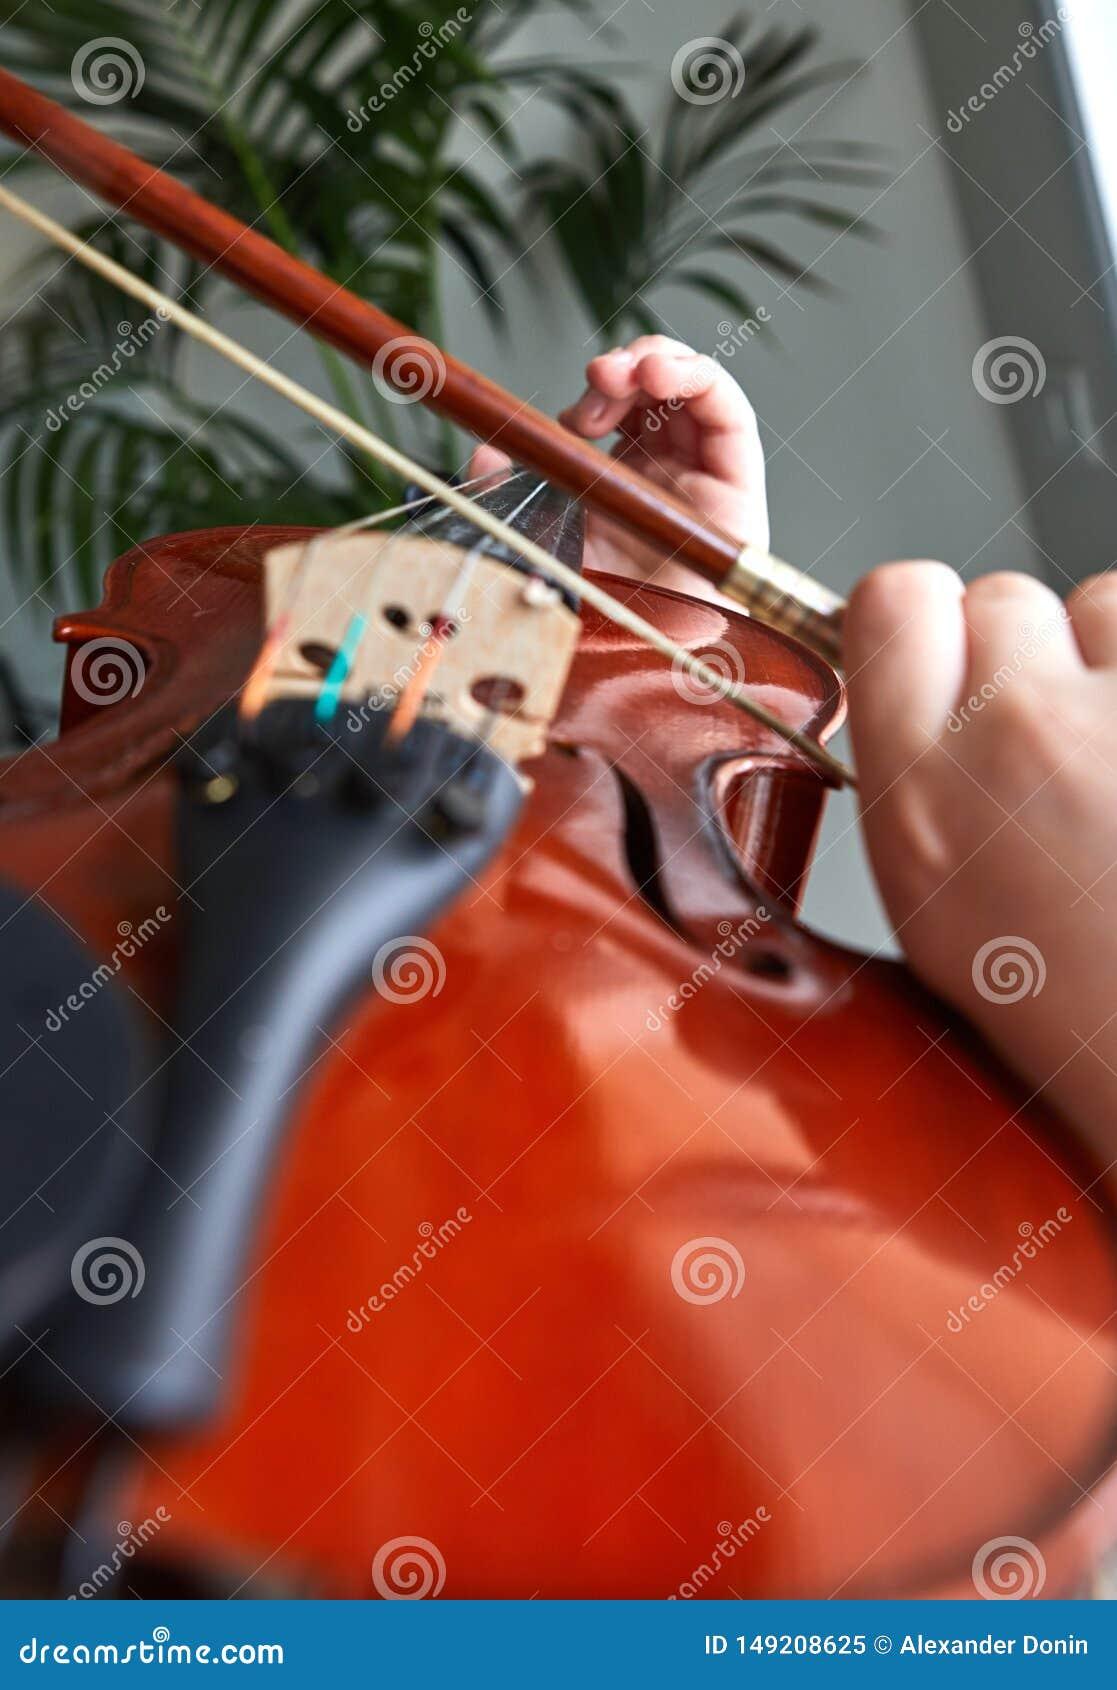 古典球员手 细节小提琴使用